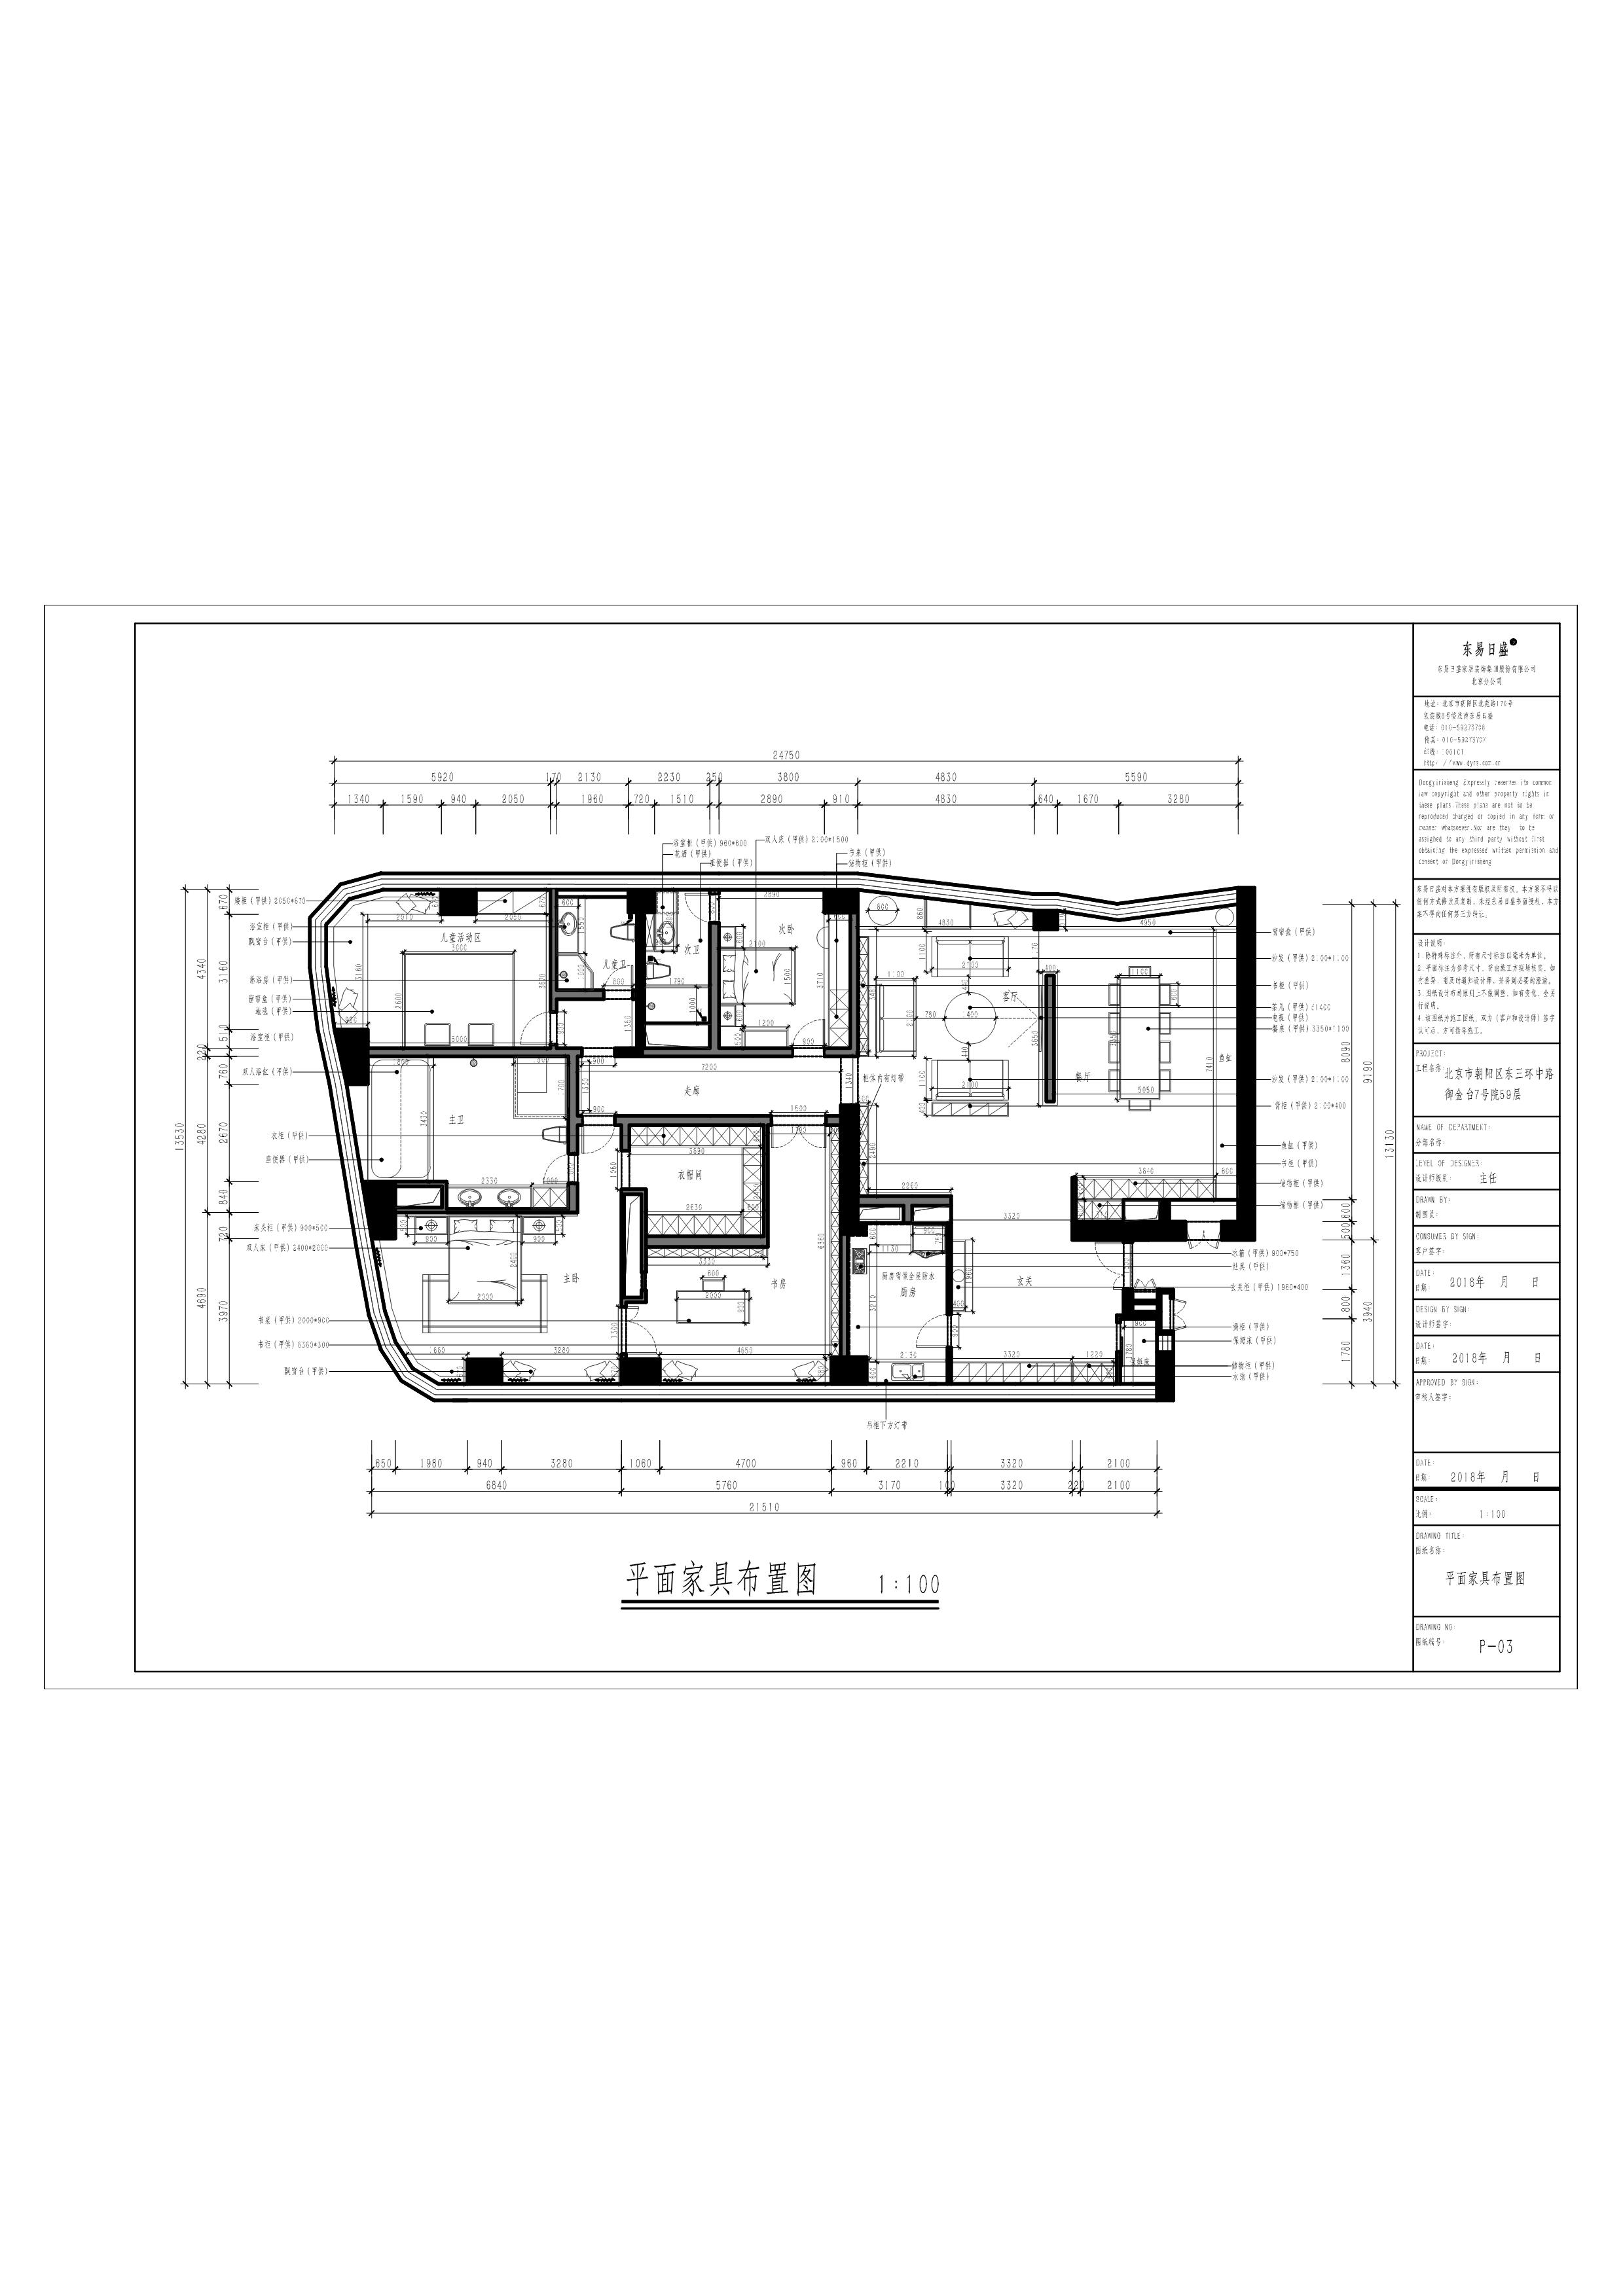 御金台-455平米-现代简约装修设计理念